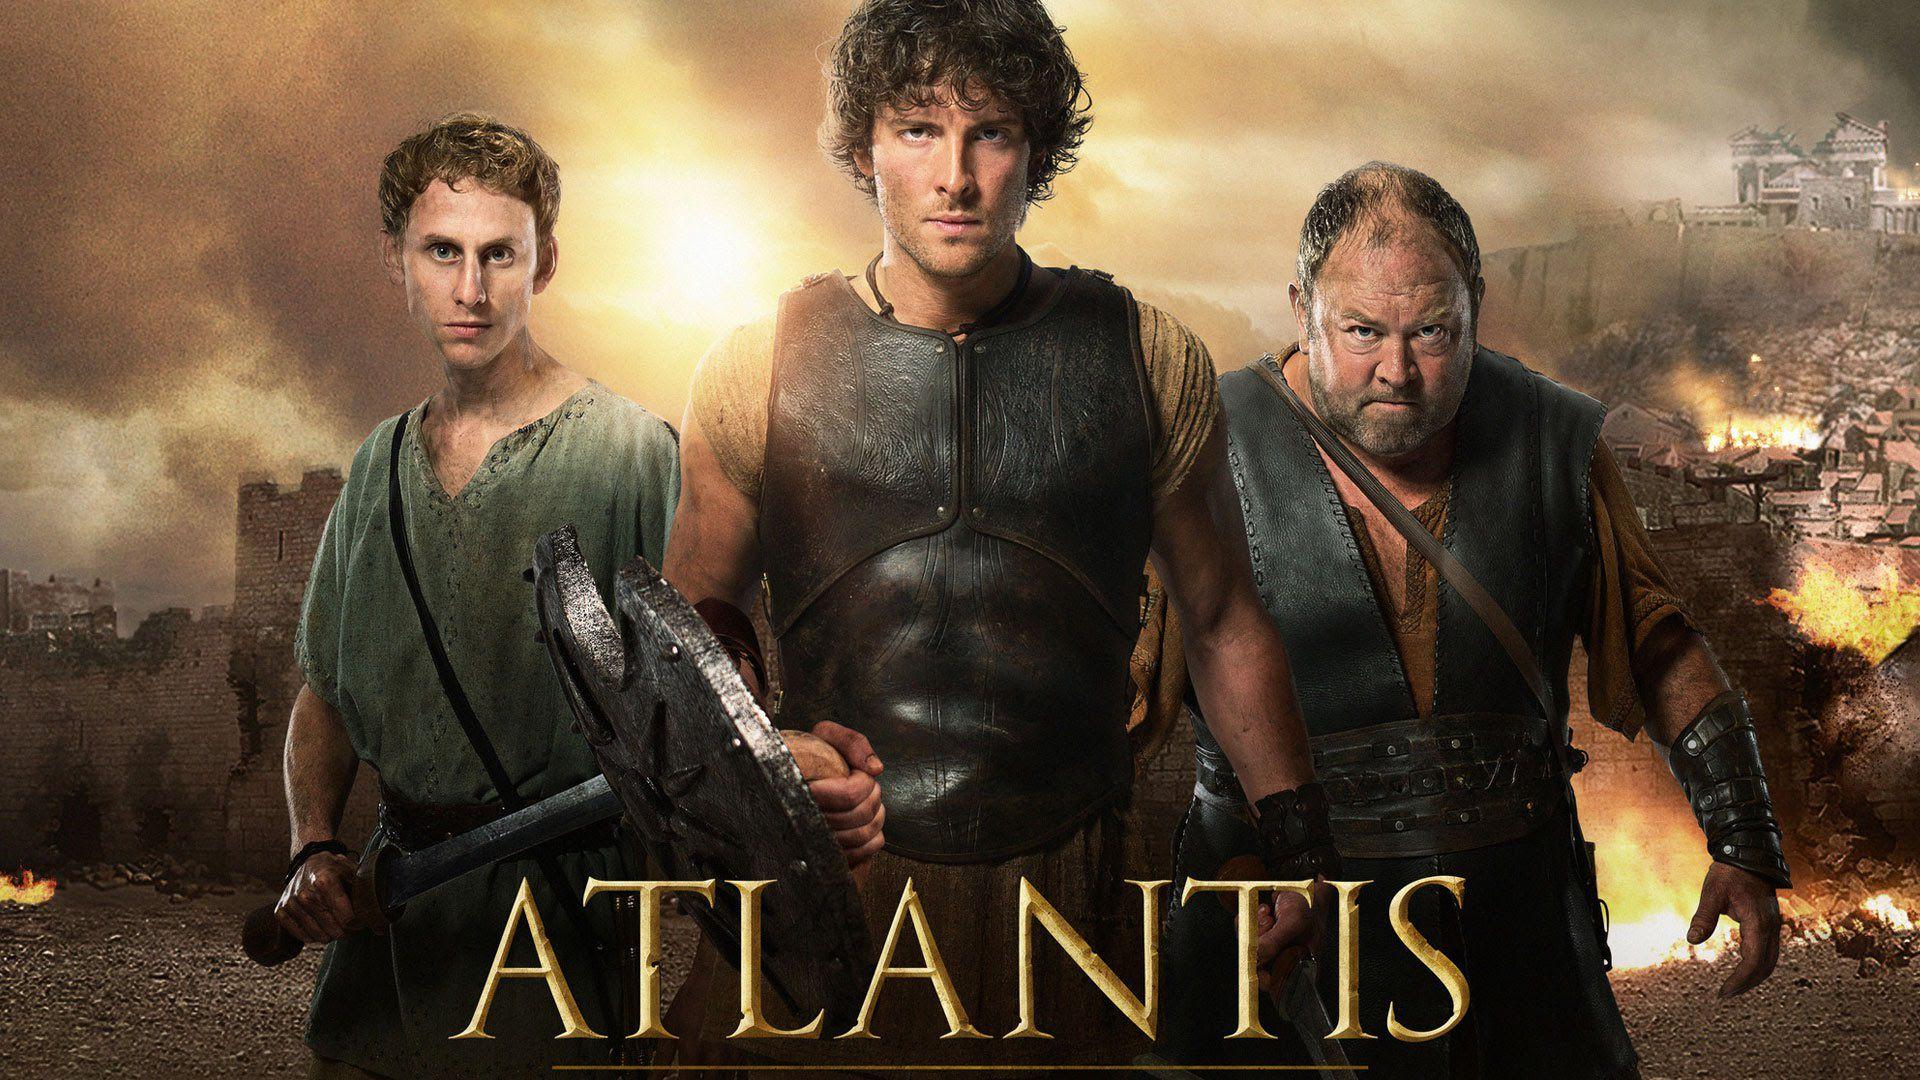 4 Atlantis